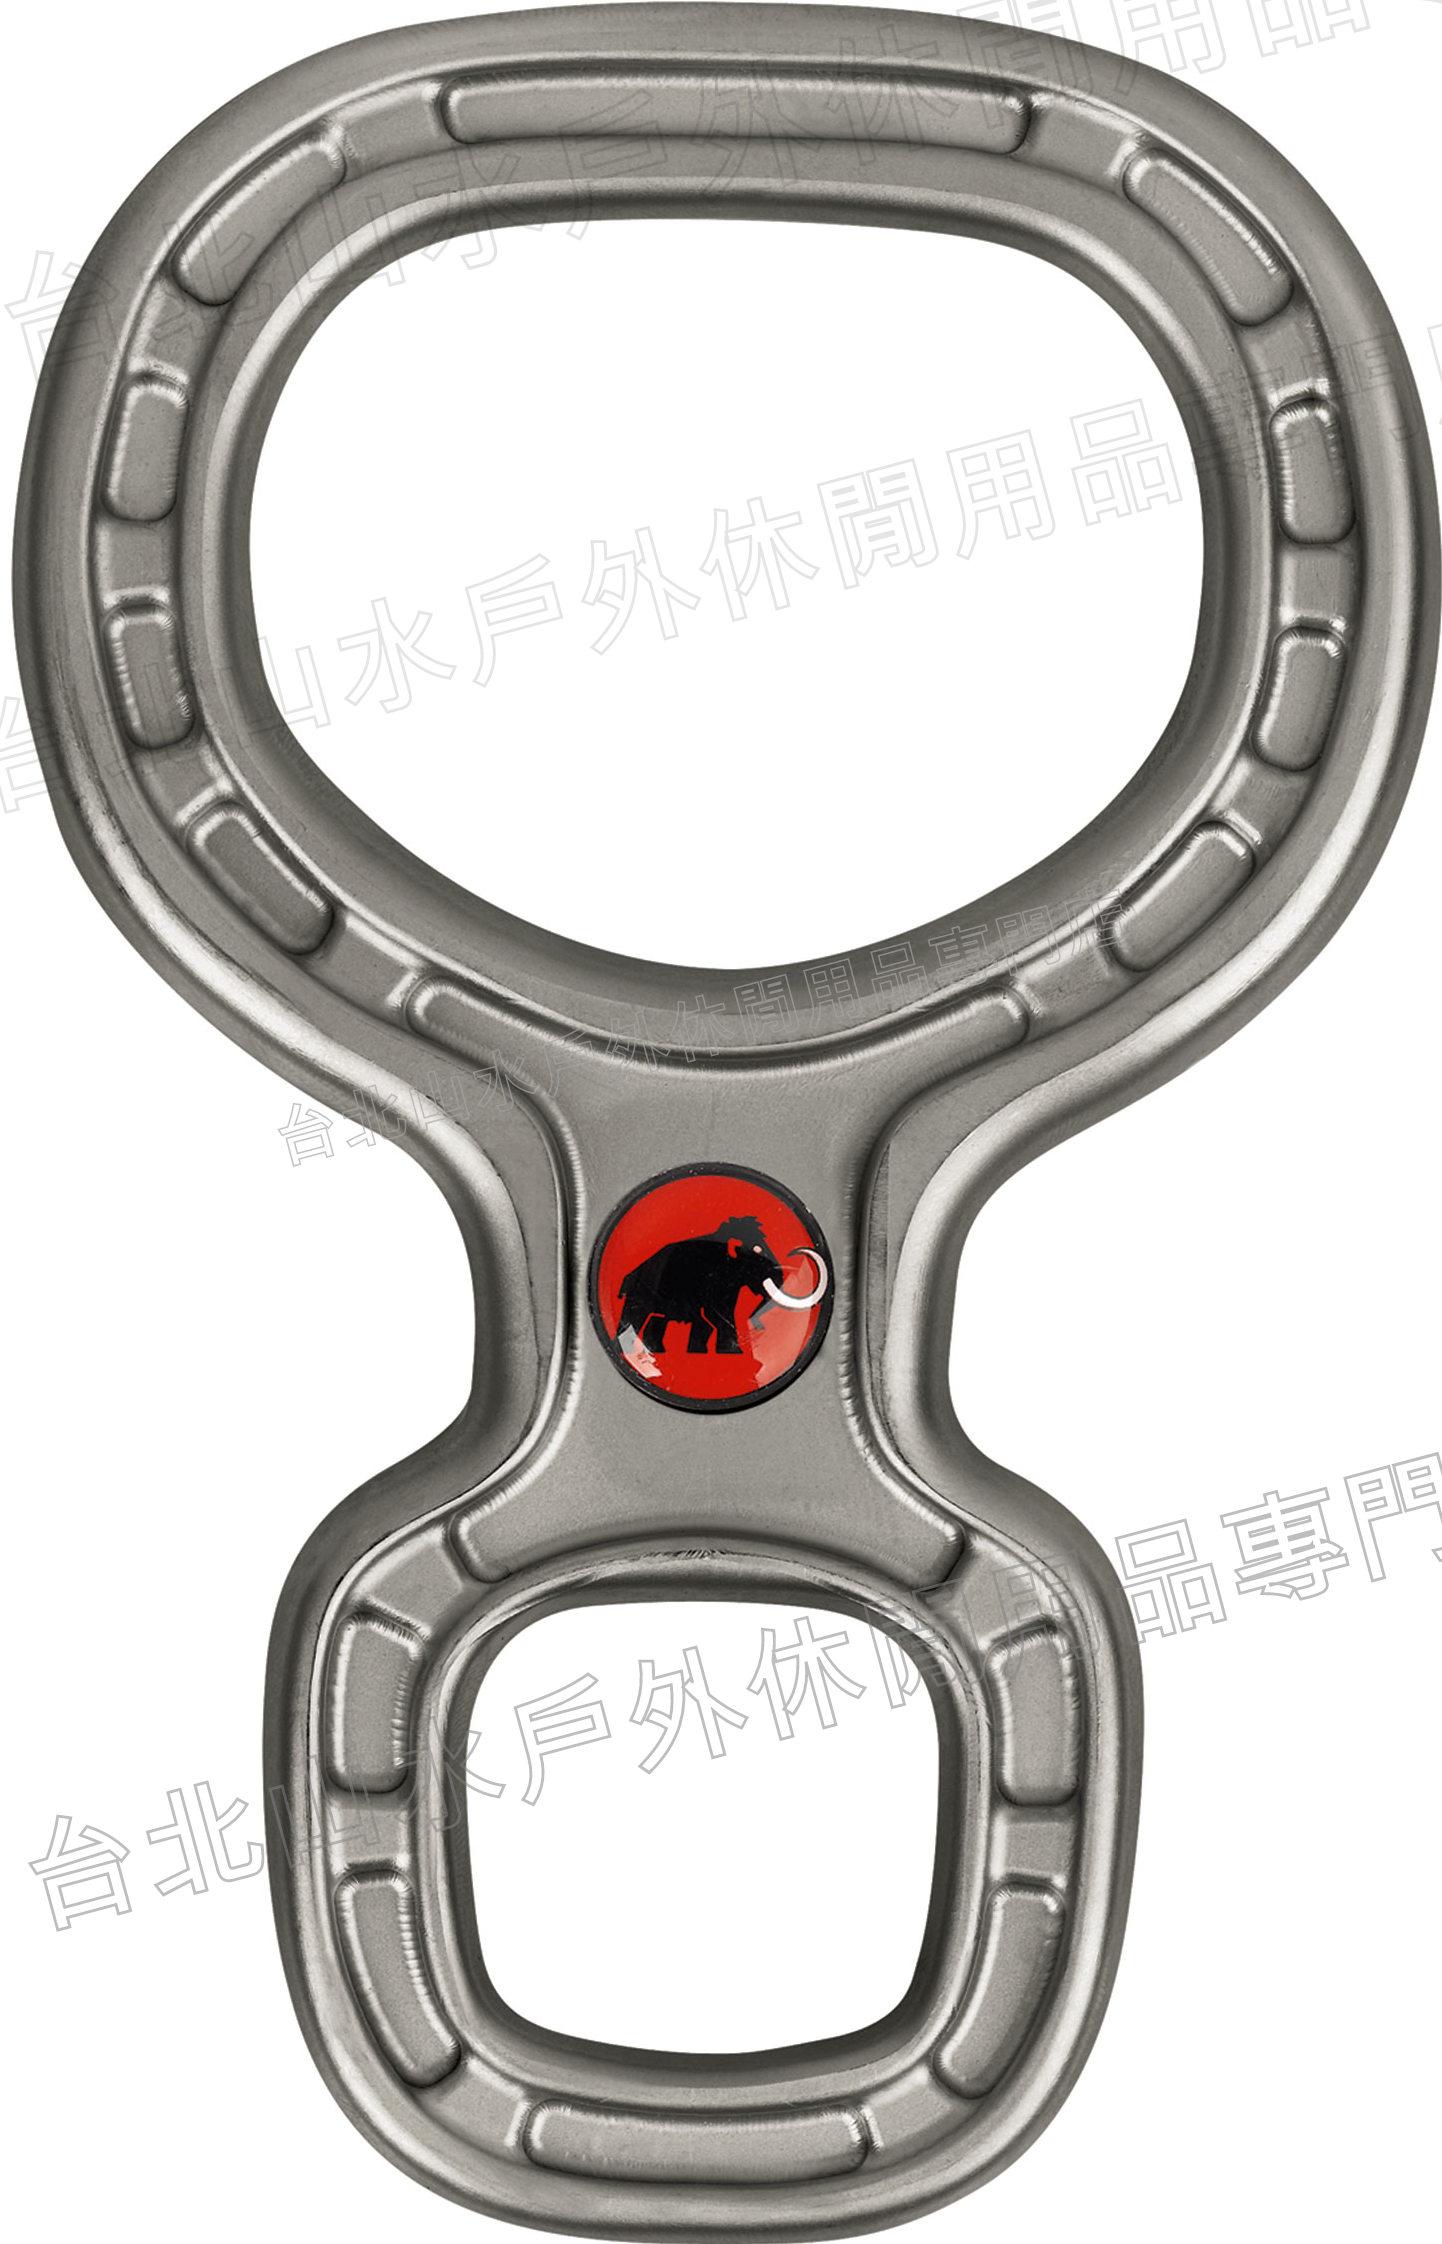 Mammut 長毛象 輕量八字環/8字環下降器 Bionic-8 2210-00690